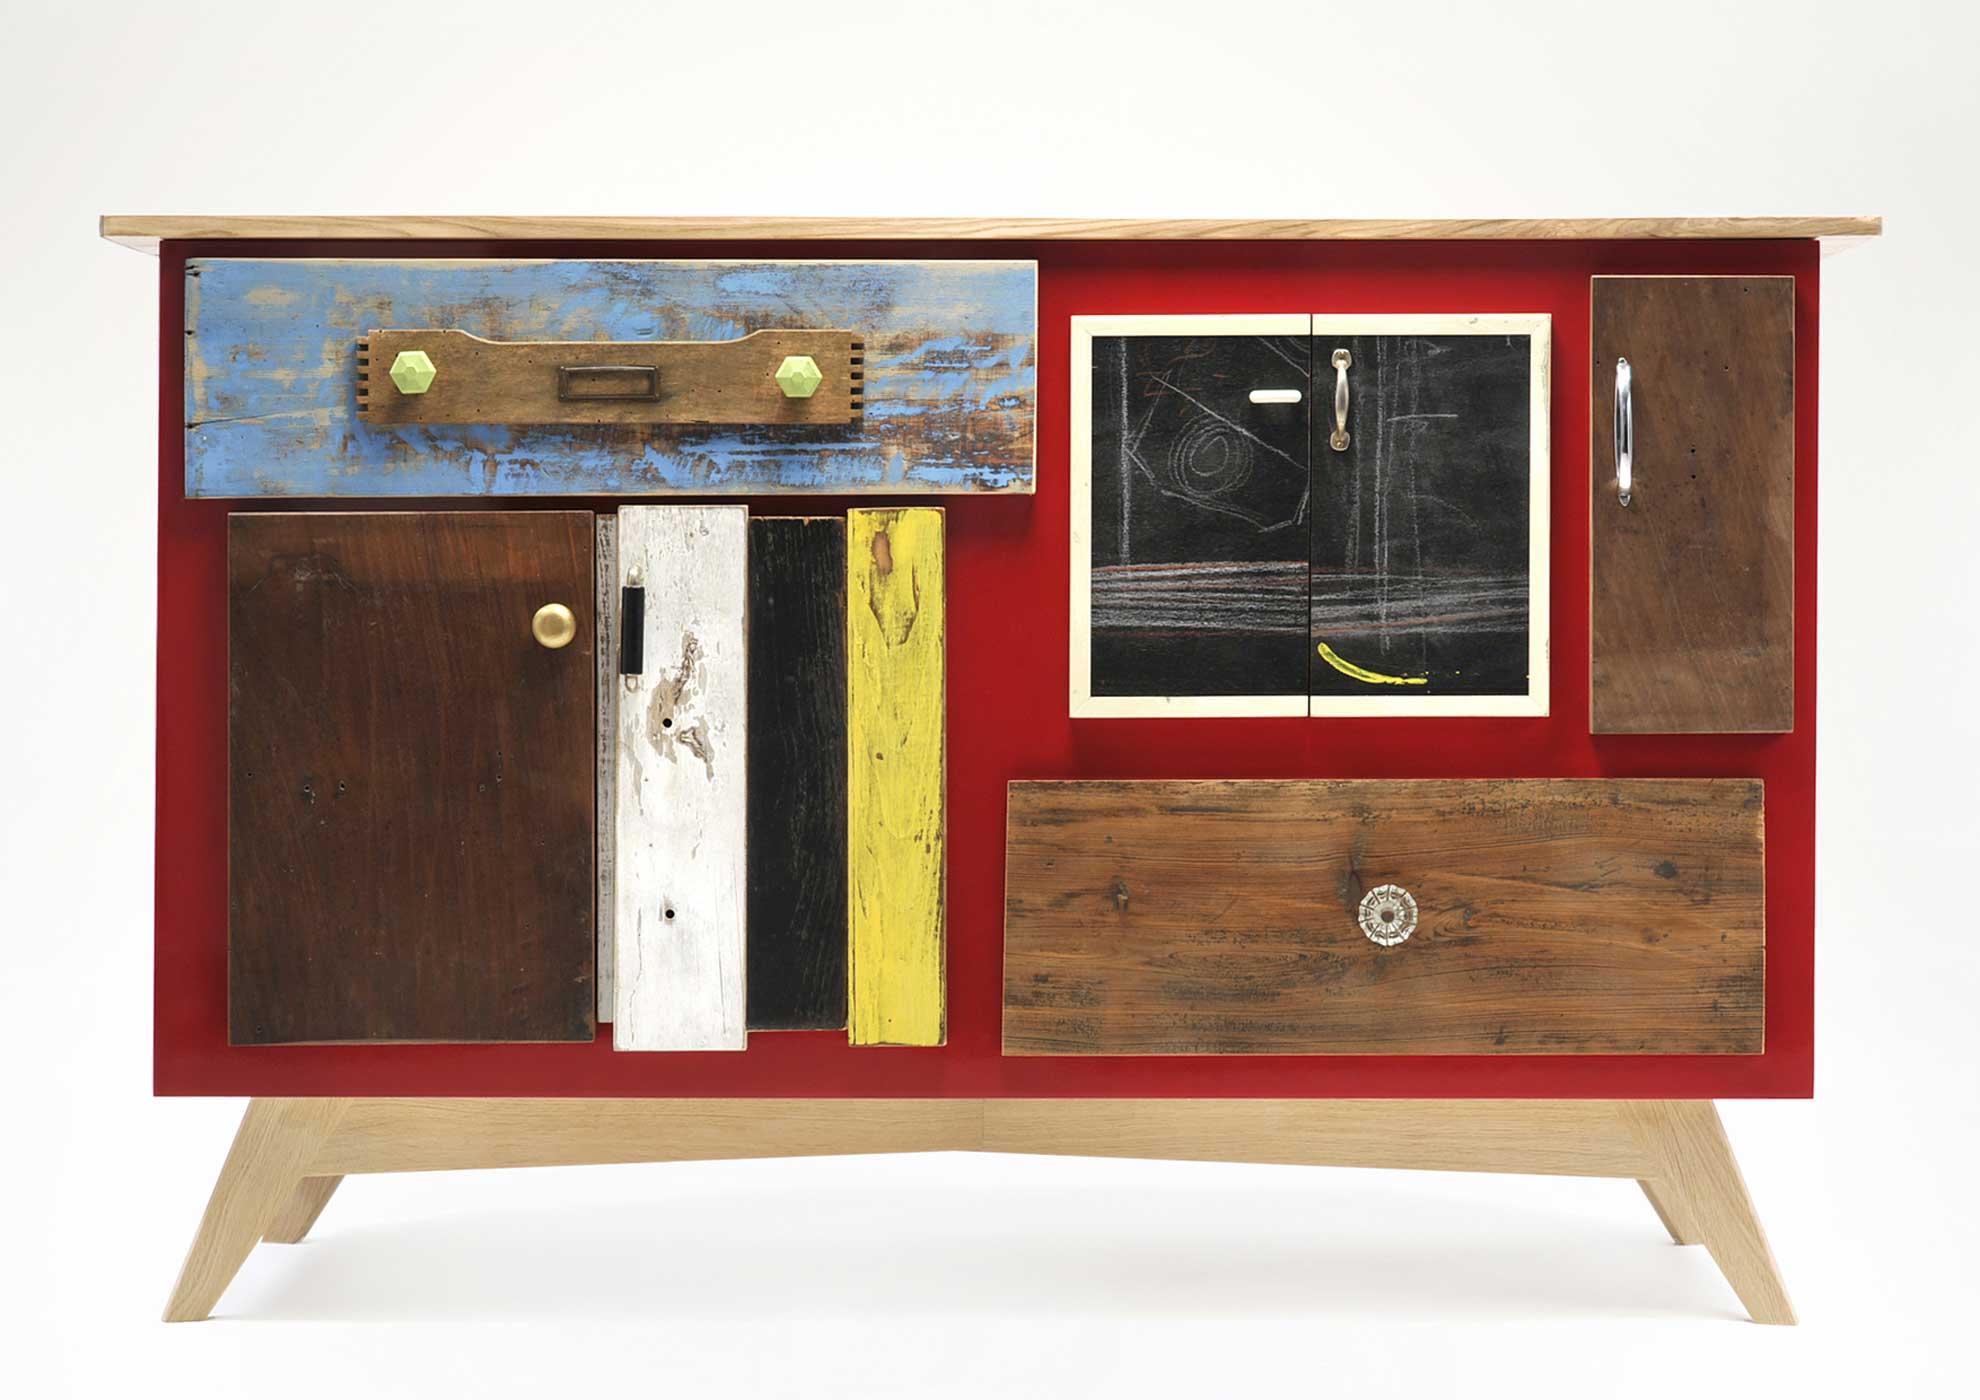 Credenzino struttura laccata rosso. Sportelli e i frontali in legno di recupero, inserti di vecchia lavagna e piccoli oggetti vintage.